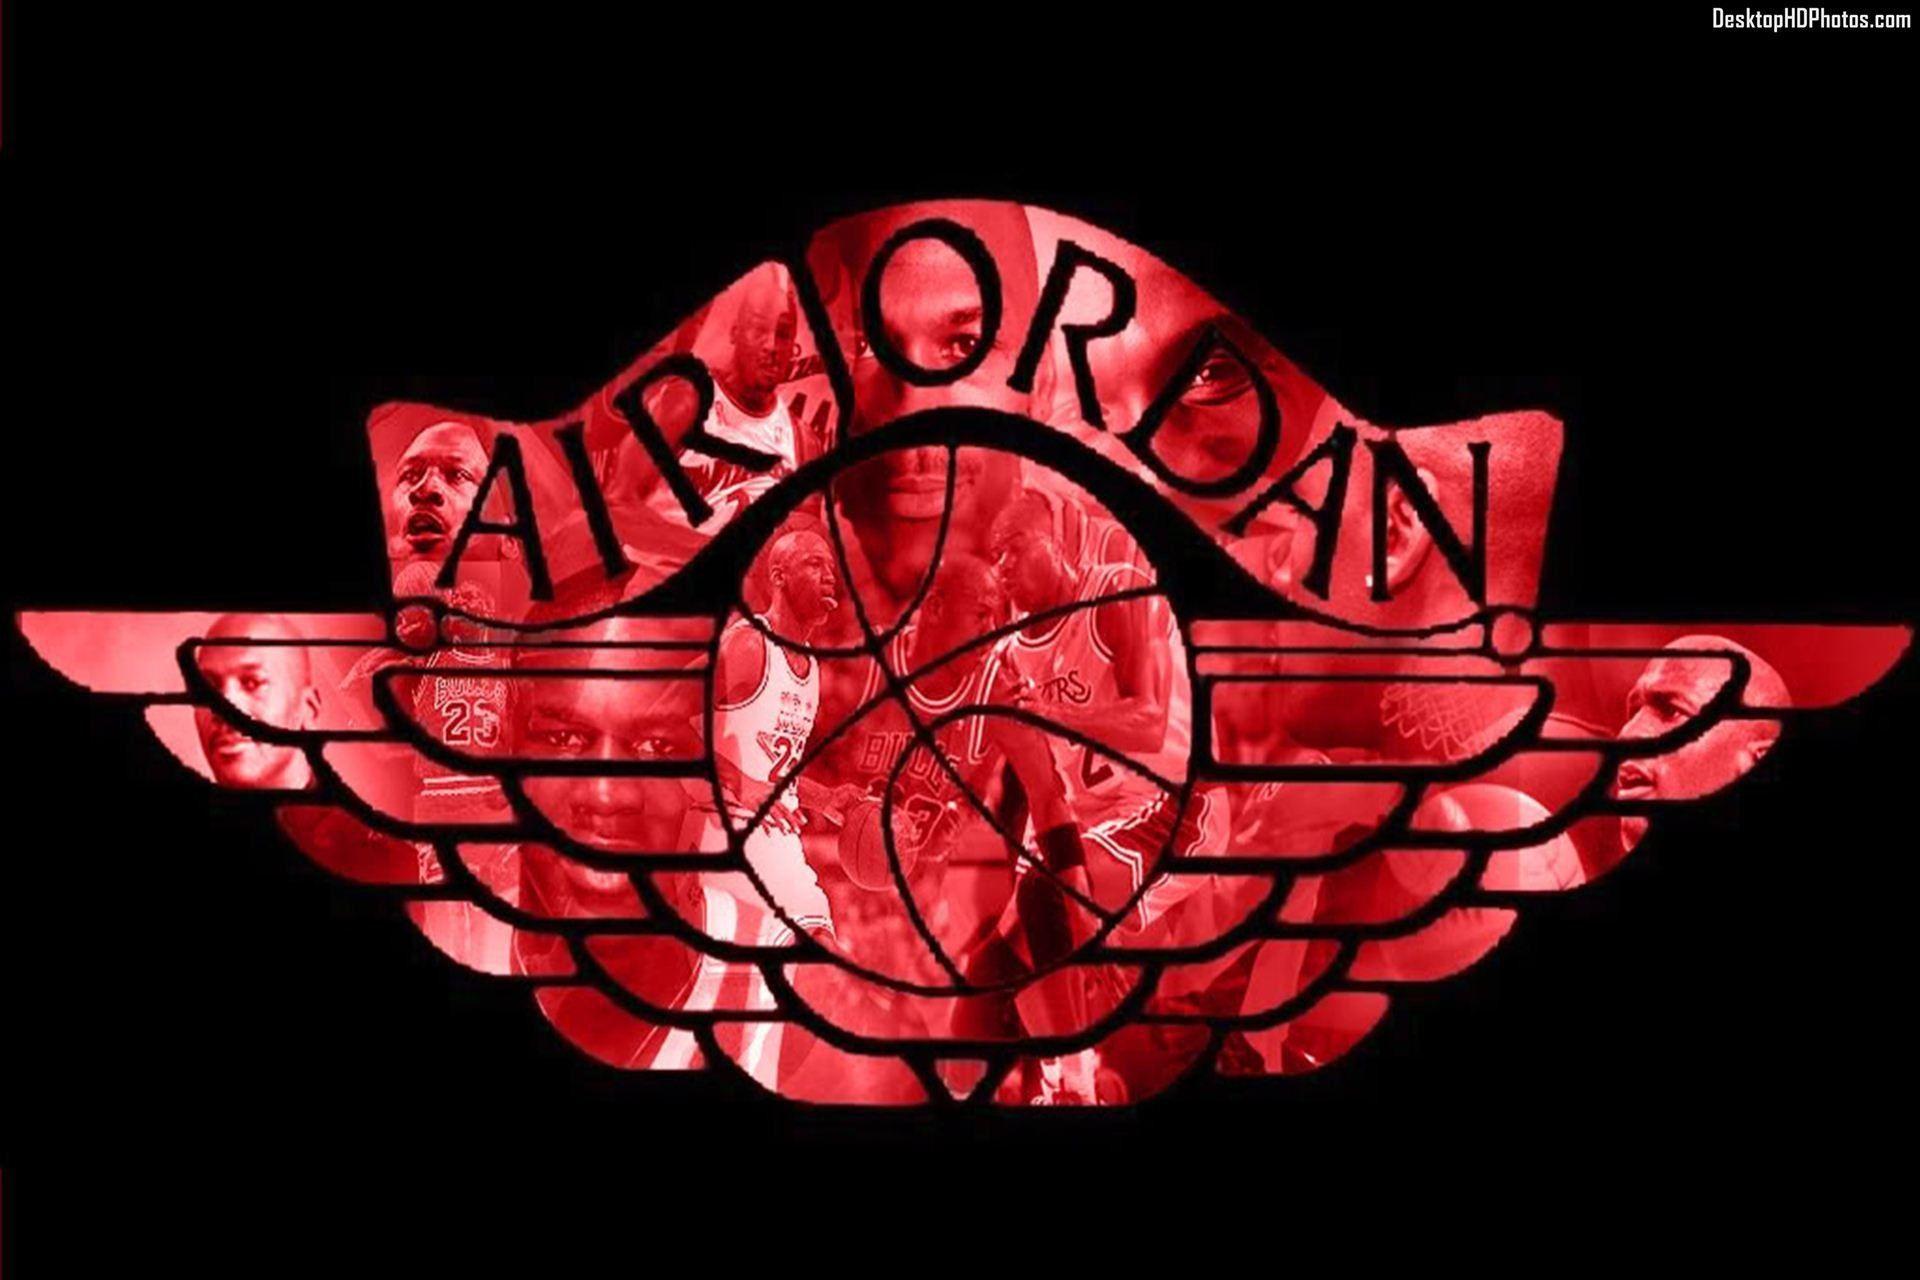 Hình nền Logo Air Jordan 1920x1280 HD để tải xuống miễn phí